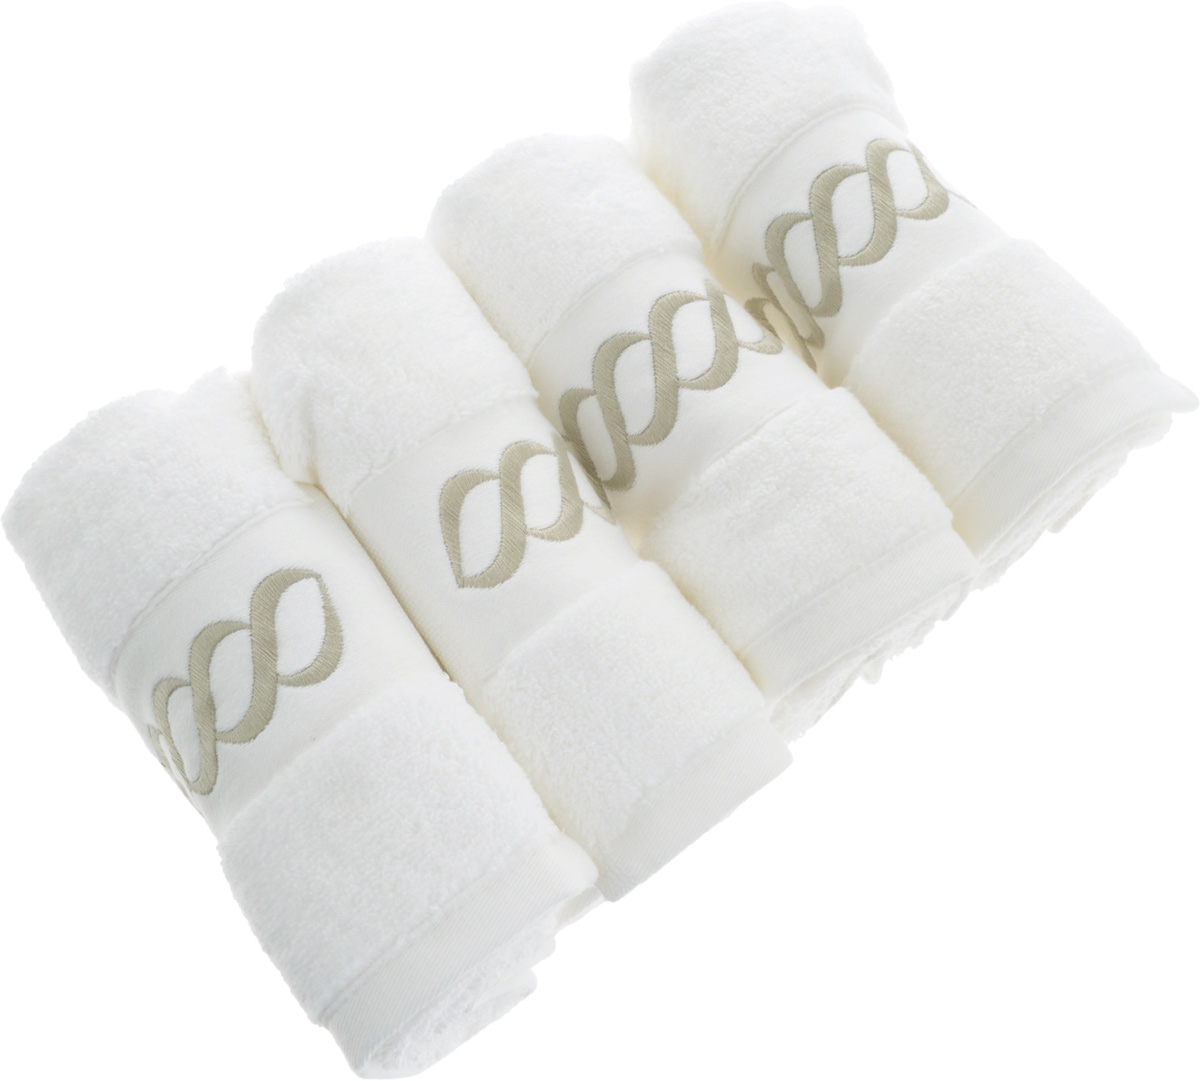 Набор махровых полотенец Issimo Home Pauline, цвет: белый, бежевый, 30 x 50 см, 4 шт1004900000360Набор полотенец Issimo Home Pauline выполнен из натуральной махровой ткани (100% хлопок). Изделия отлично впитывают влагу, быстро сохнут и не теряют форму даже после многократных стирок. Рекомендации по уходу:- режим стирки при 40°C,- допускается обычная химчистка,- отбеливание запрещено,- глажка при температуре подошвы утюга до 110°С,- барабанный отжим запрещен.Размер полотенца: 30 x 50 см.